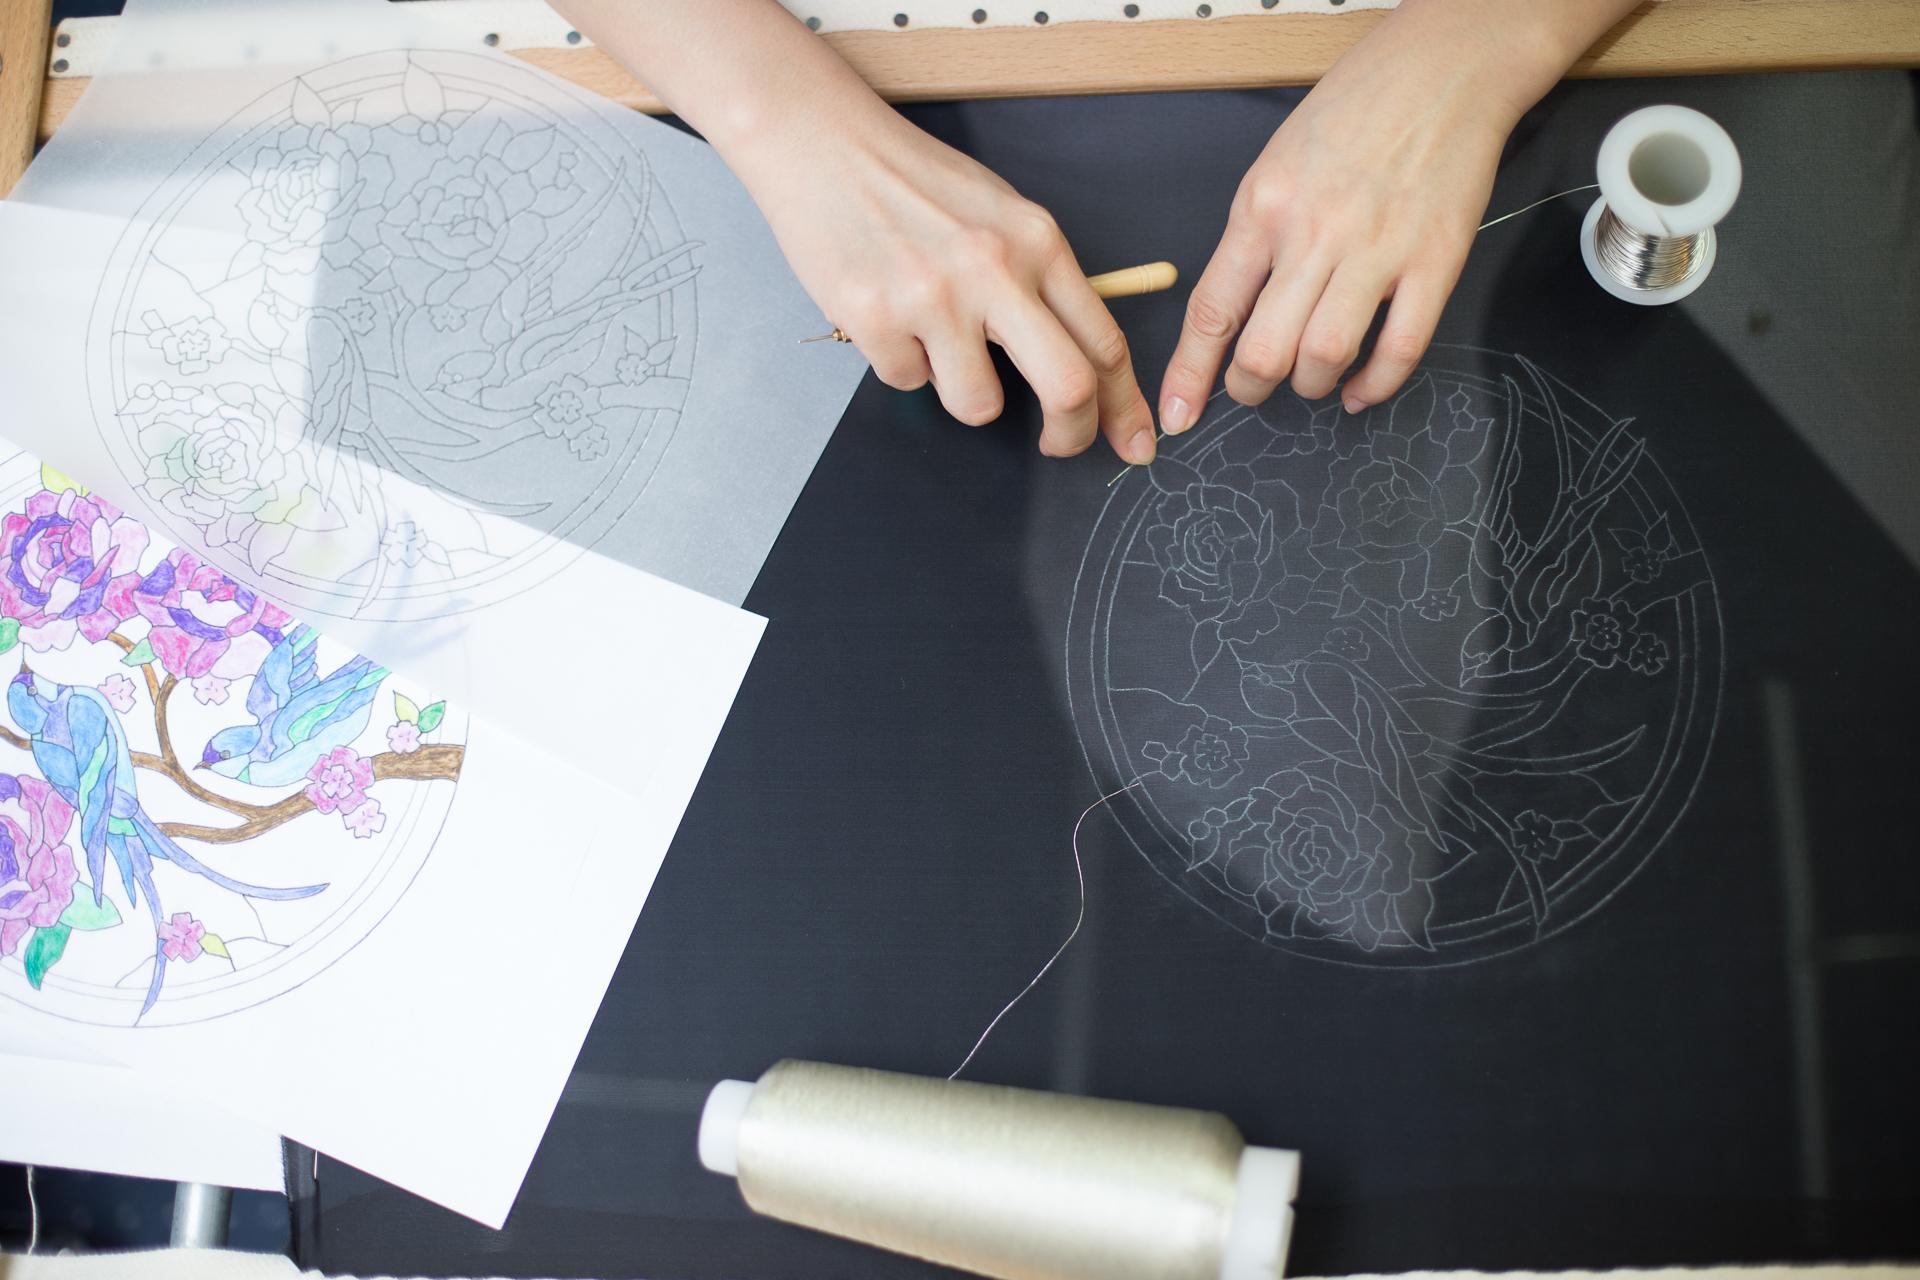 atelier-broderie-plumasserie-30.jpg